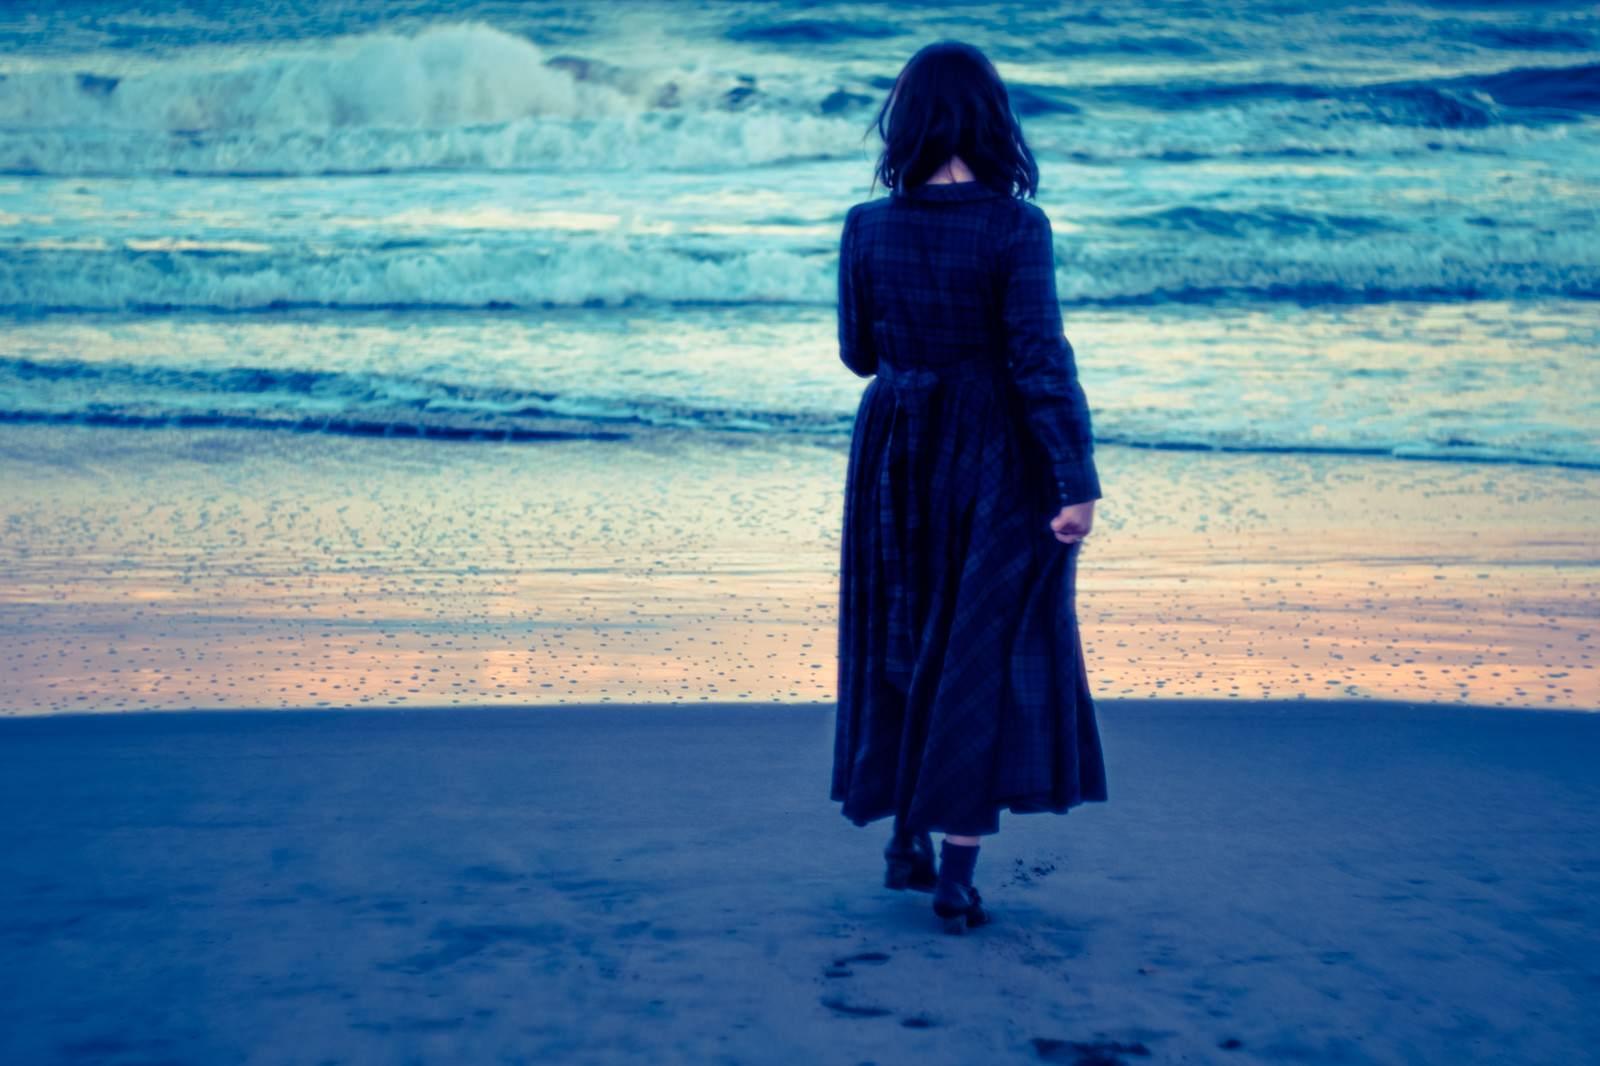 「波打ち際、寂しげな女性」の写真